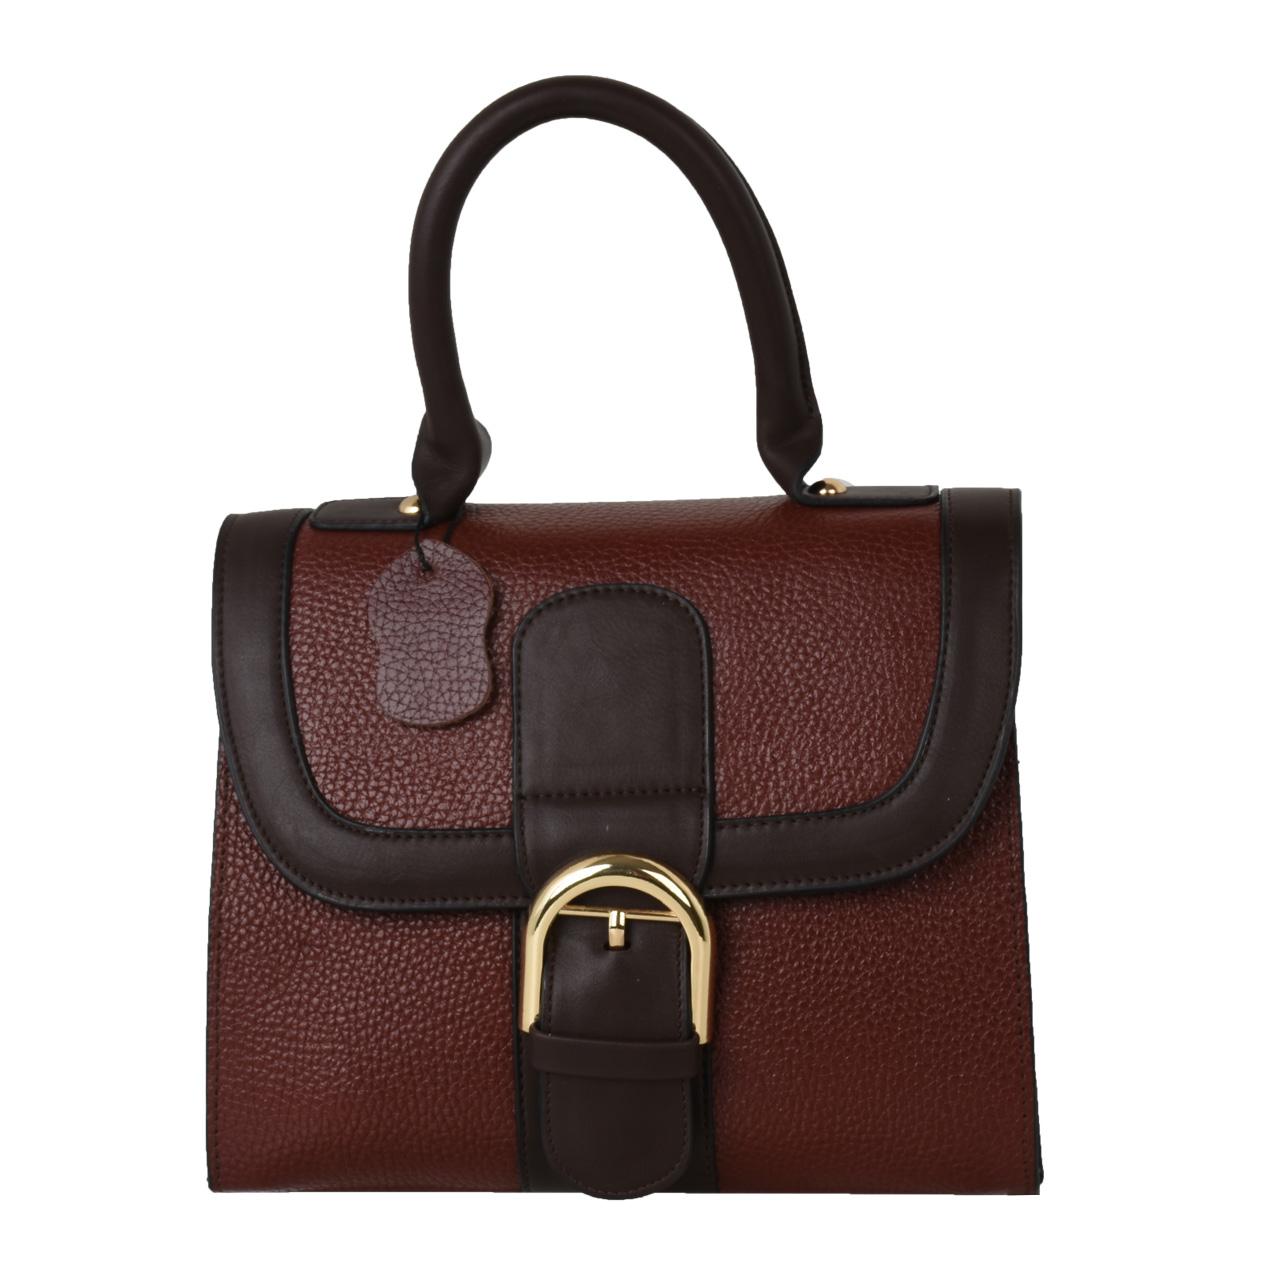 کیف دستی زنانه پارینه مدل PLV164-7-1584